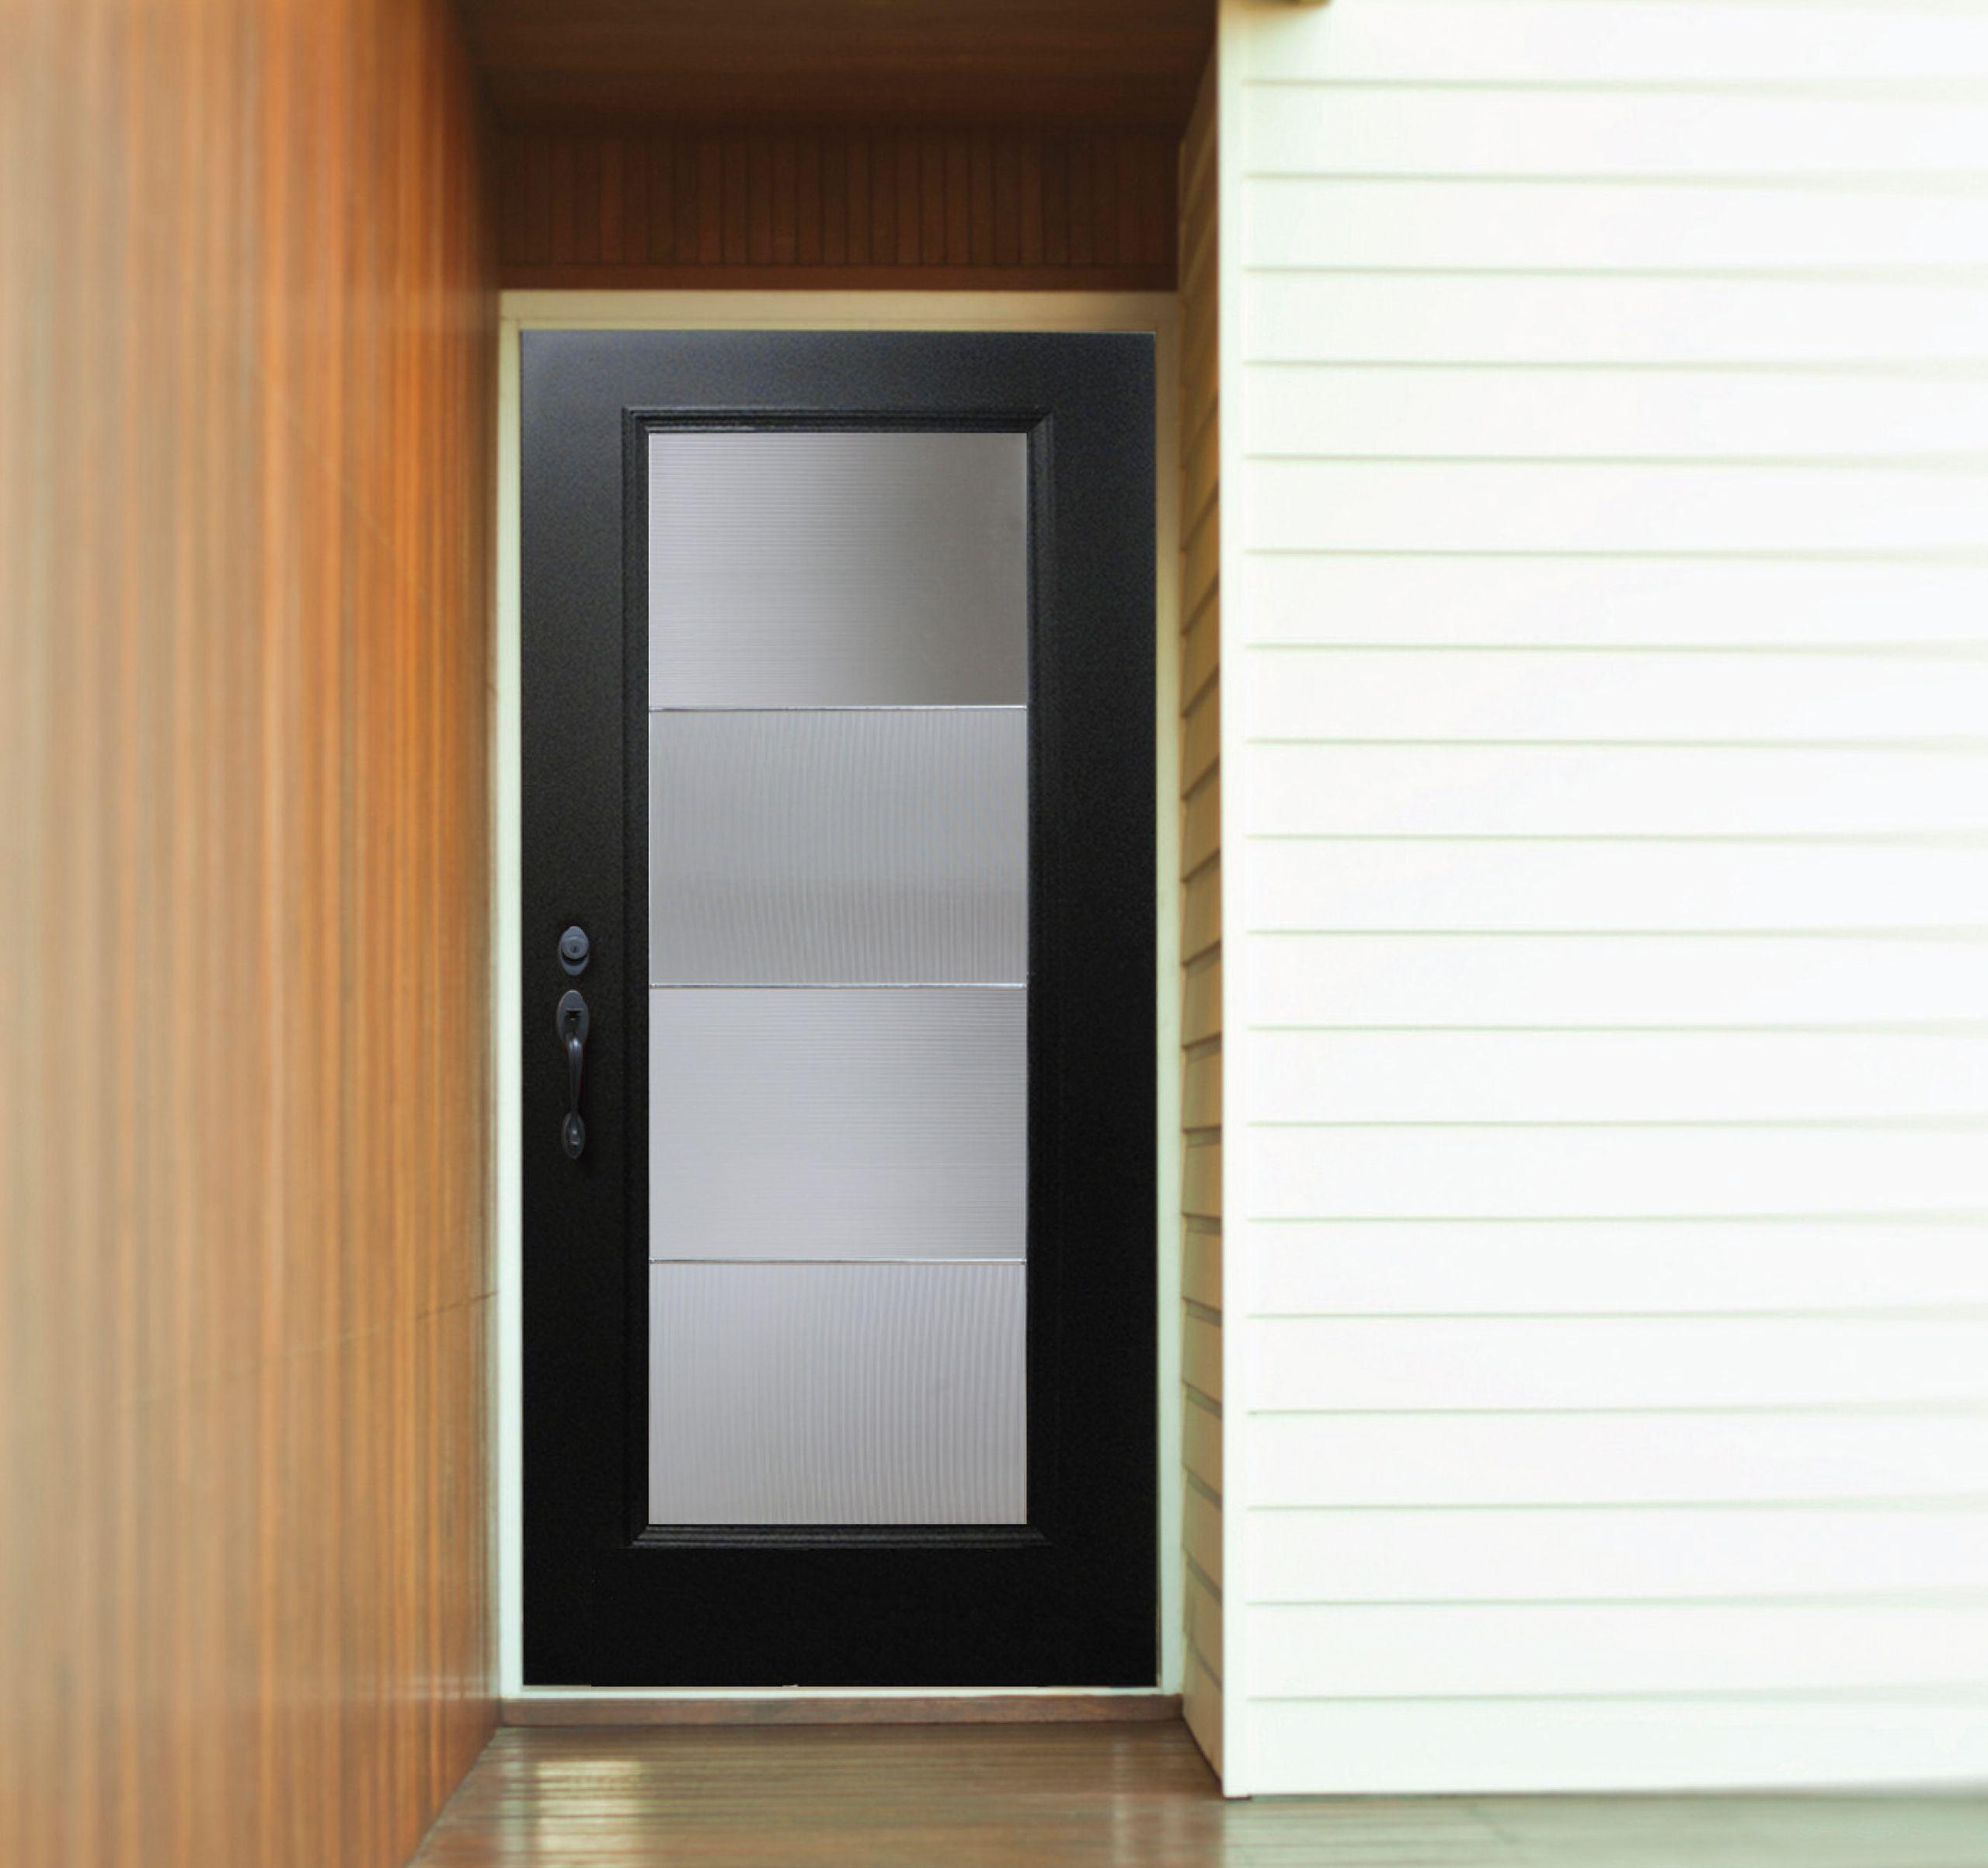 Plastpro Modern Door DRG00 ABRFL7 With Aberdeen Glass.